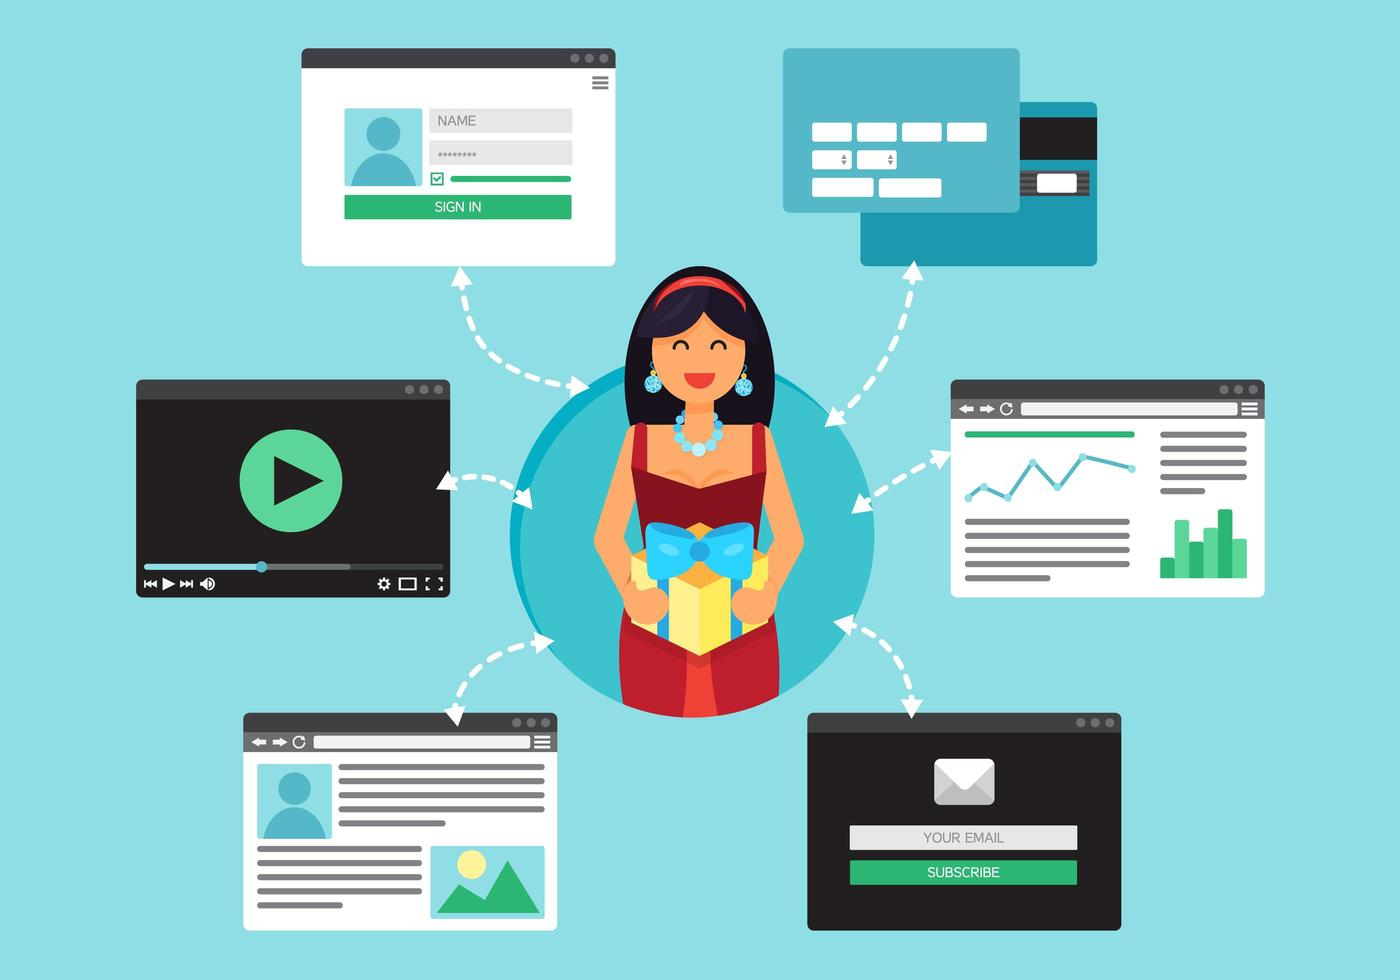 rede virtual socail da web vetor